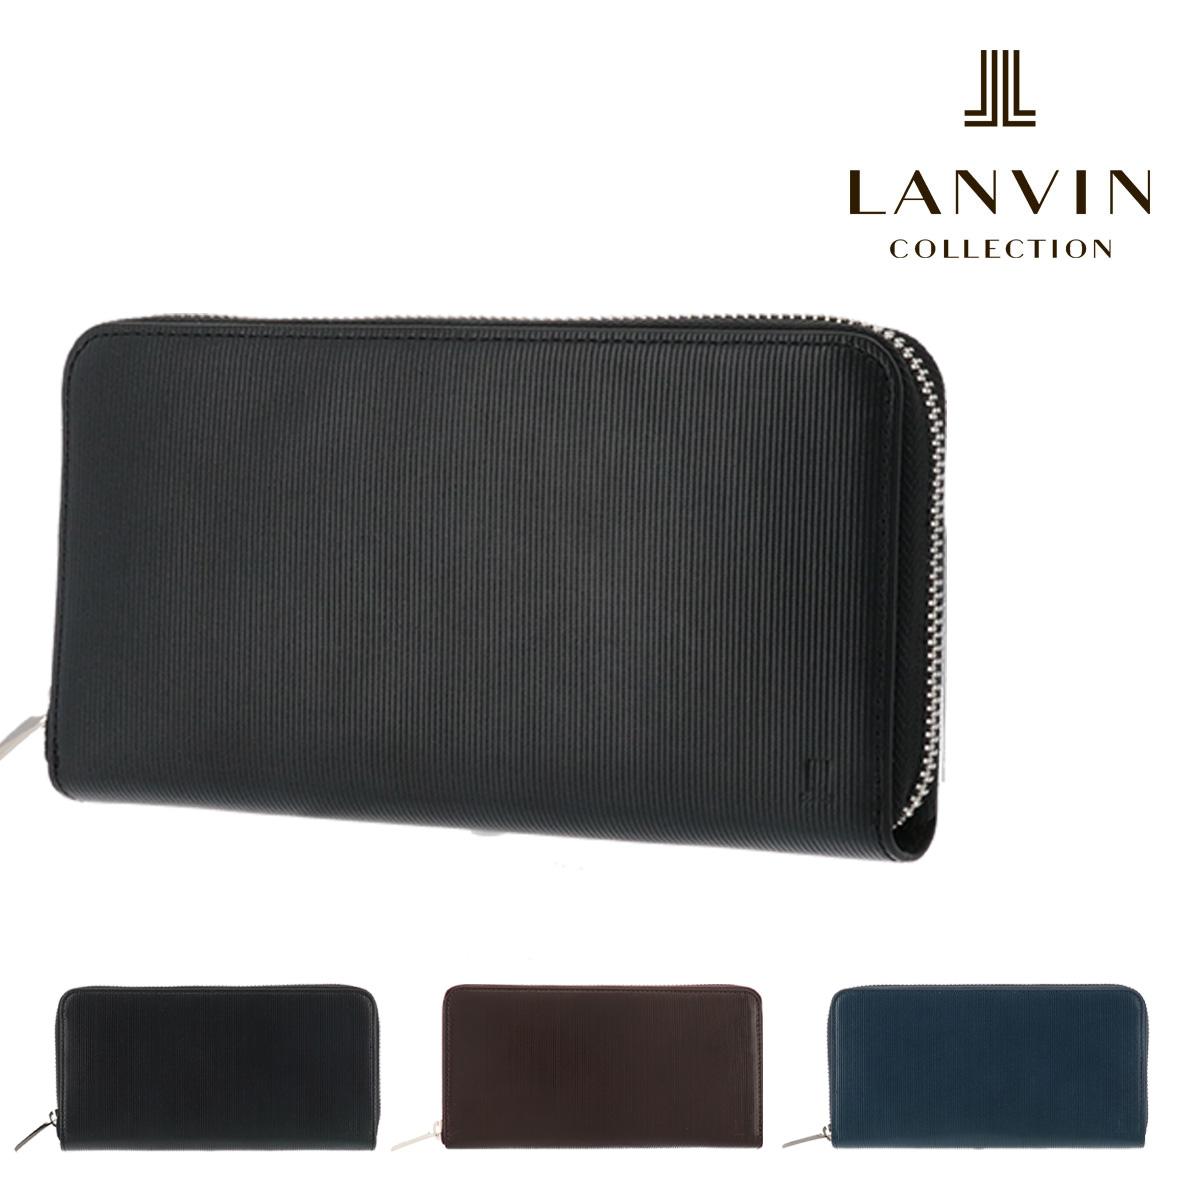 ランバンコレクション 長財布 ジオメトリック JLMW7CT2 LANVIN COLLECTION ラウンド長財布 束入れ 本革 レザー メンズ